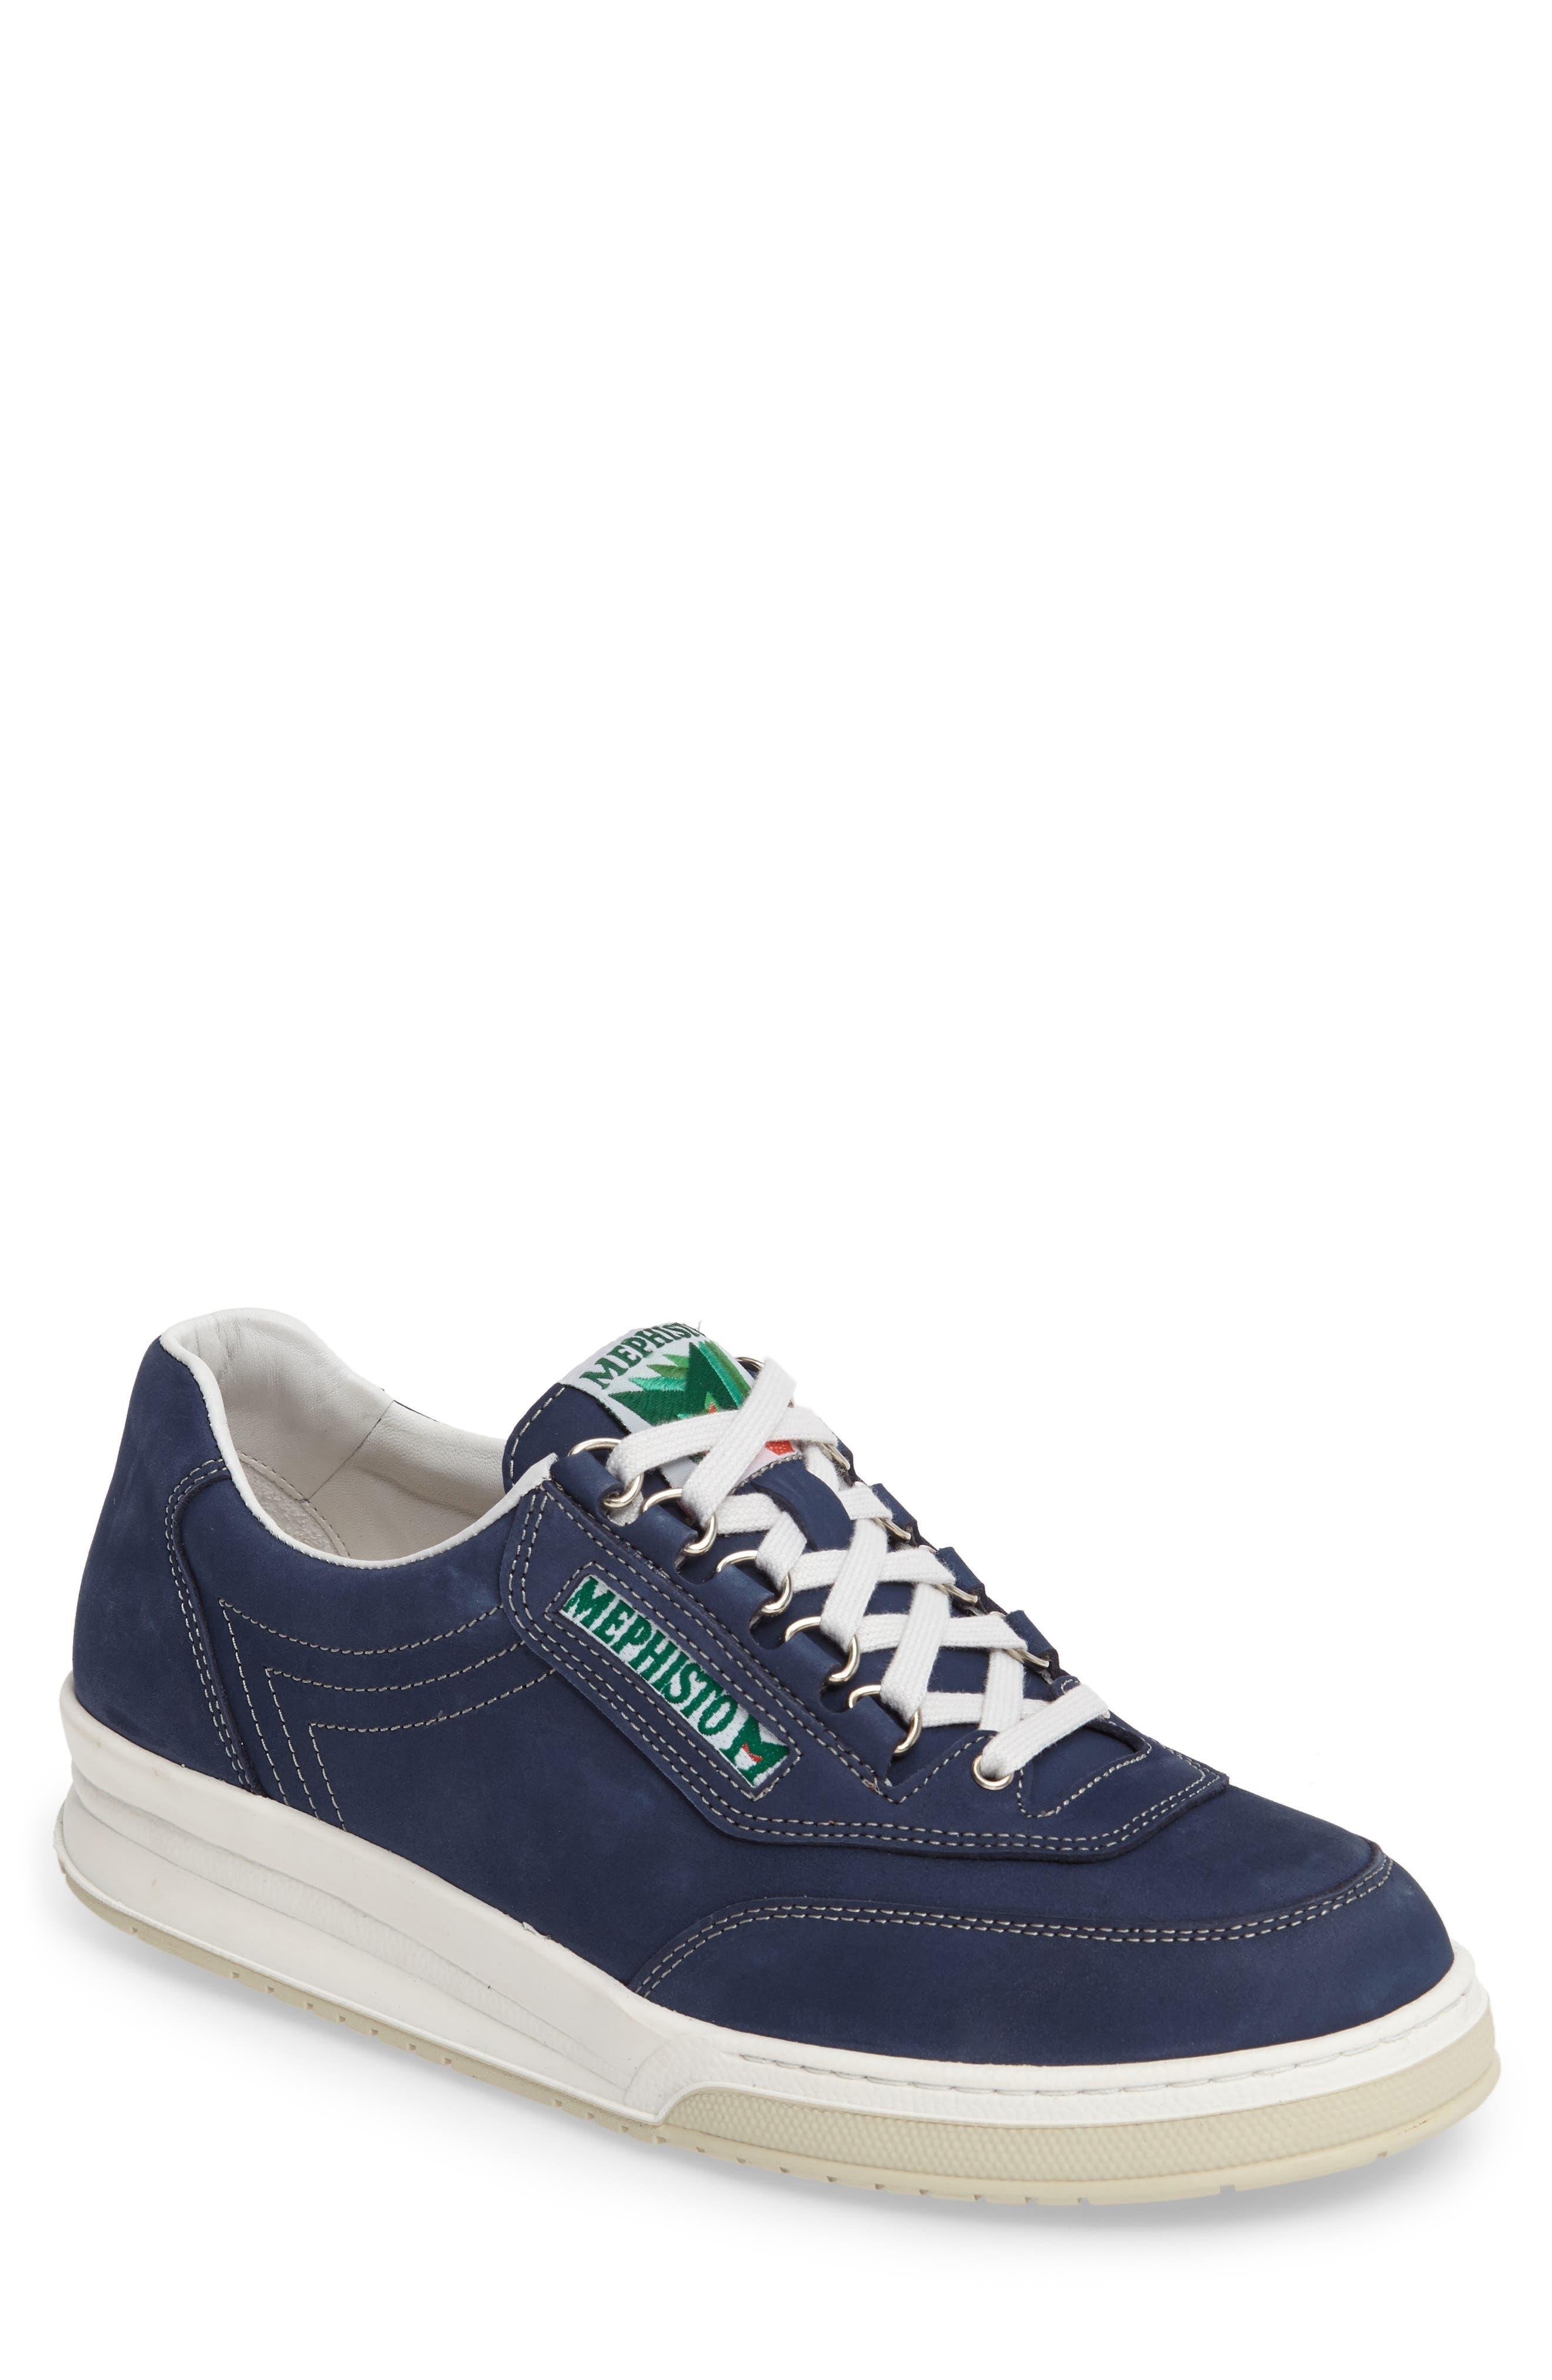 Main Image - Mephisto 'Match' Walking Shoe (Men)